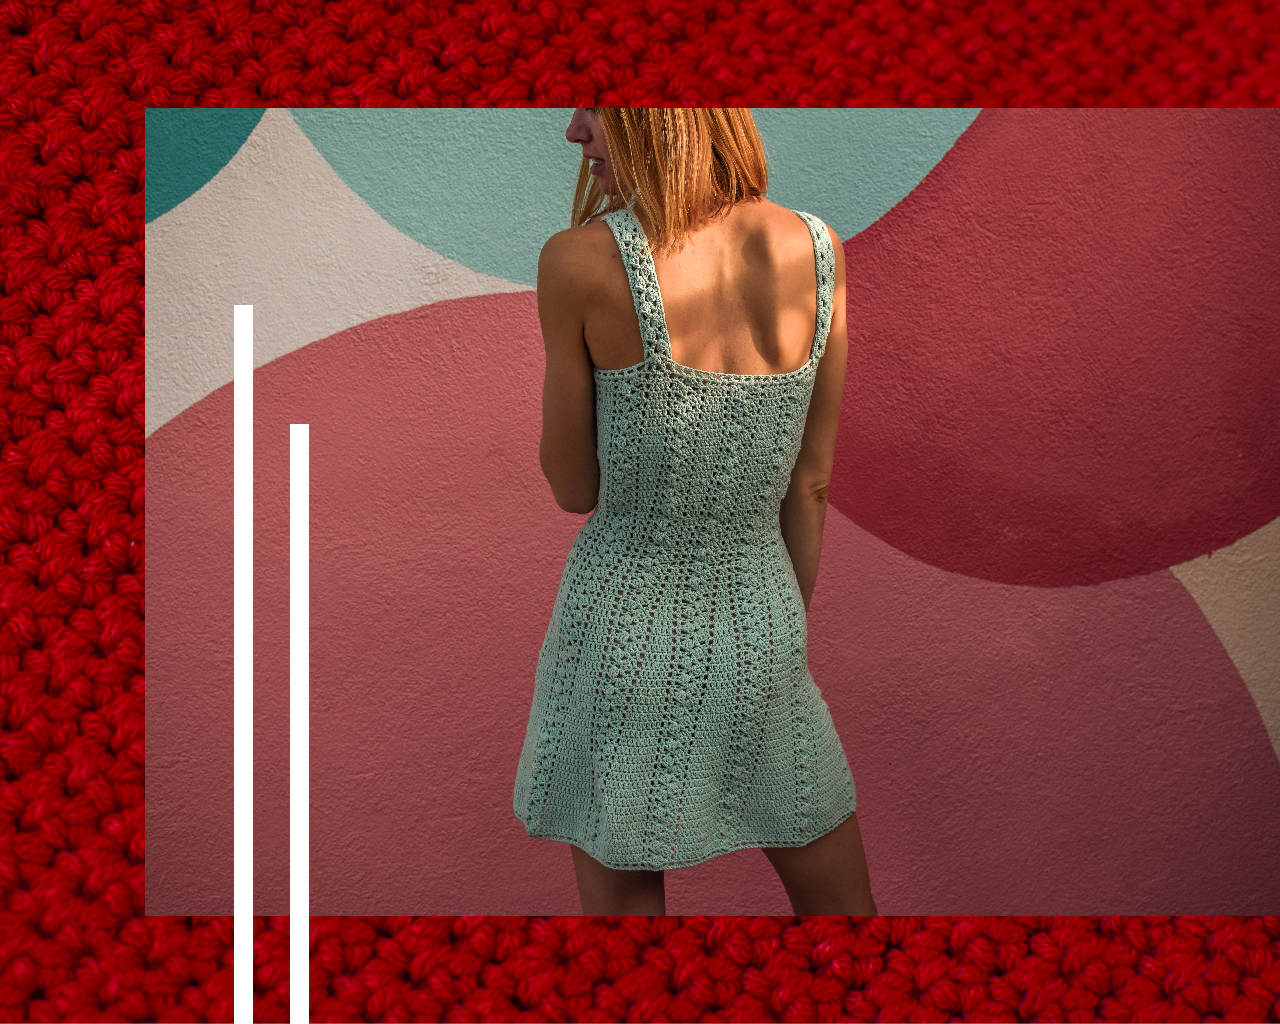 Feelin' Blue Featured Down -Artboard 2.jpg